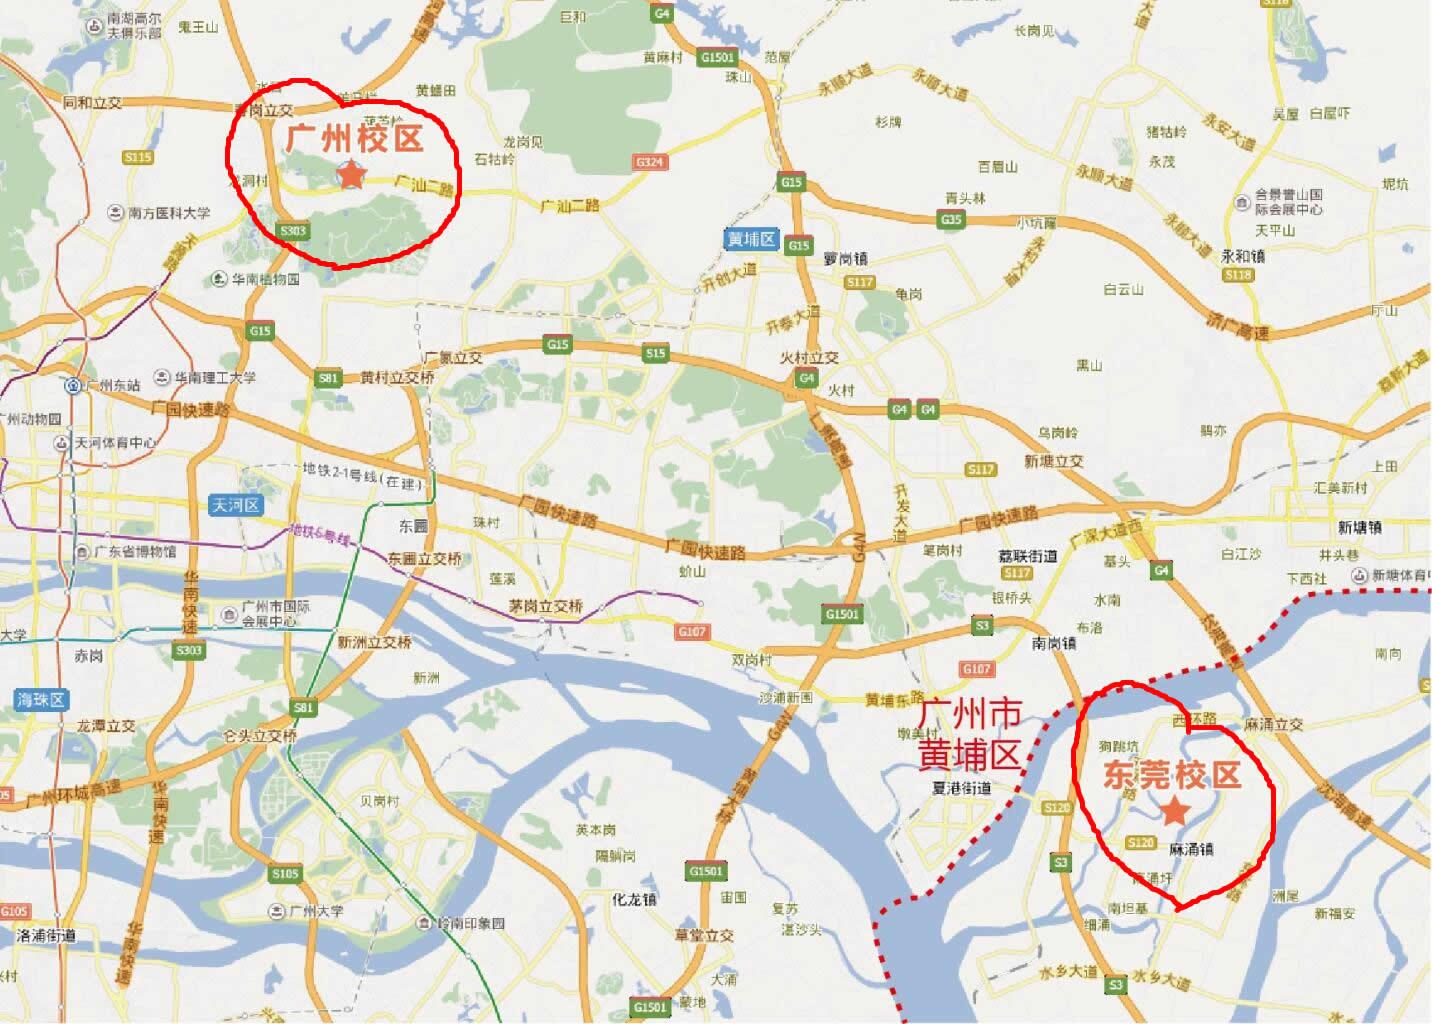 校园地图.jpg